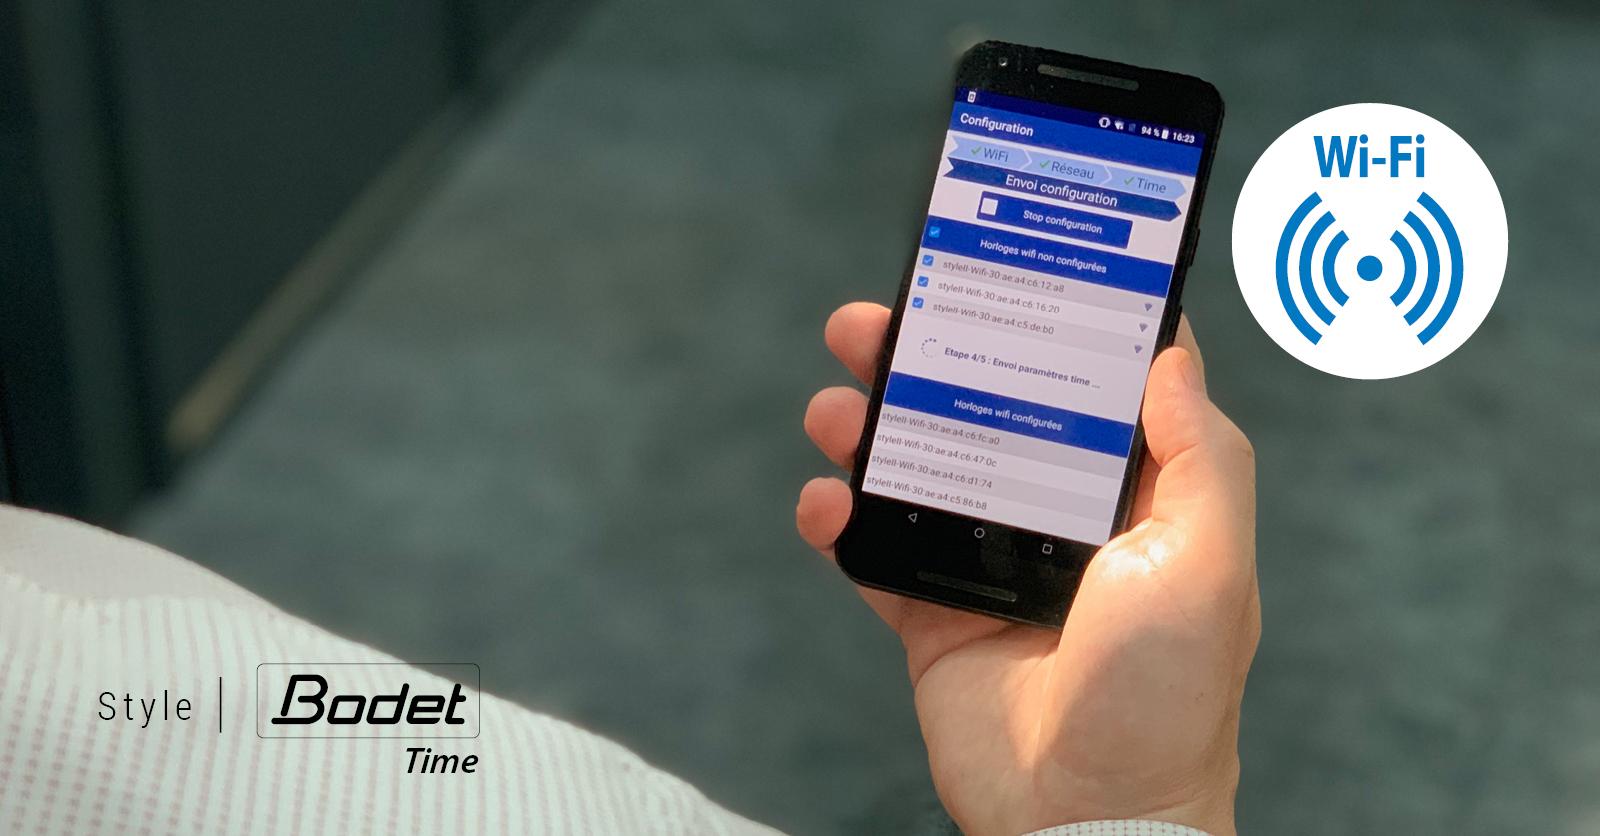 Horloges digitales NTP Wi-Fi Style